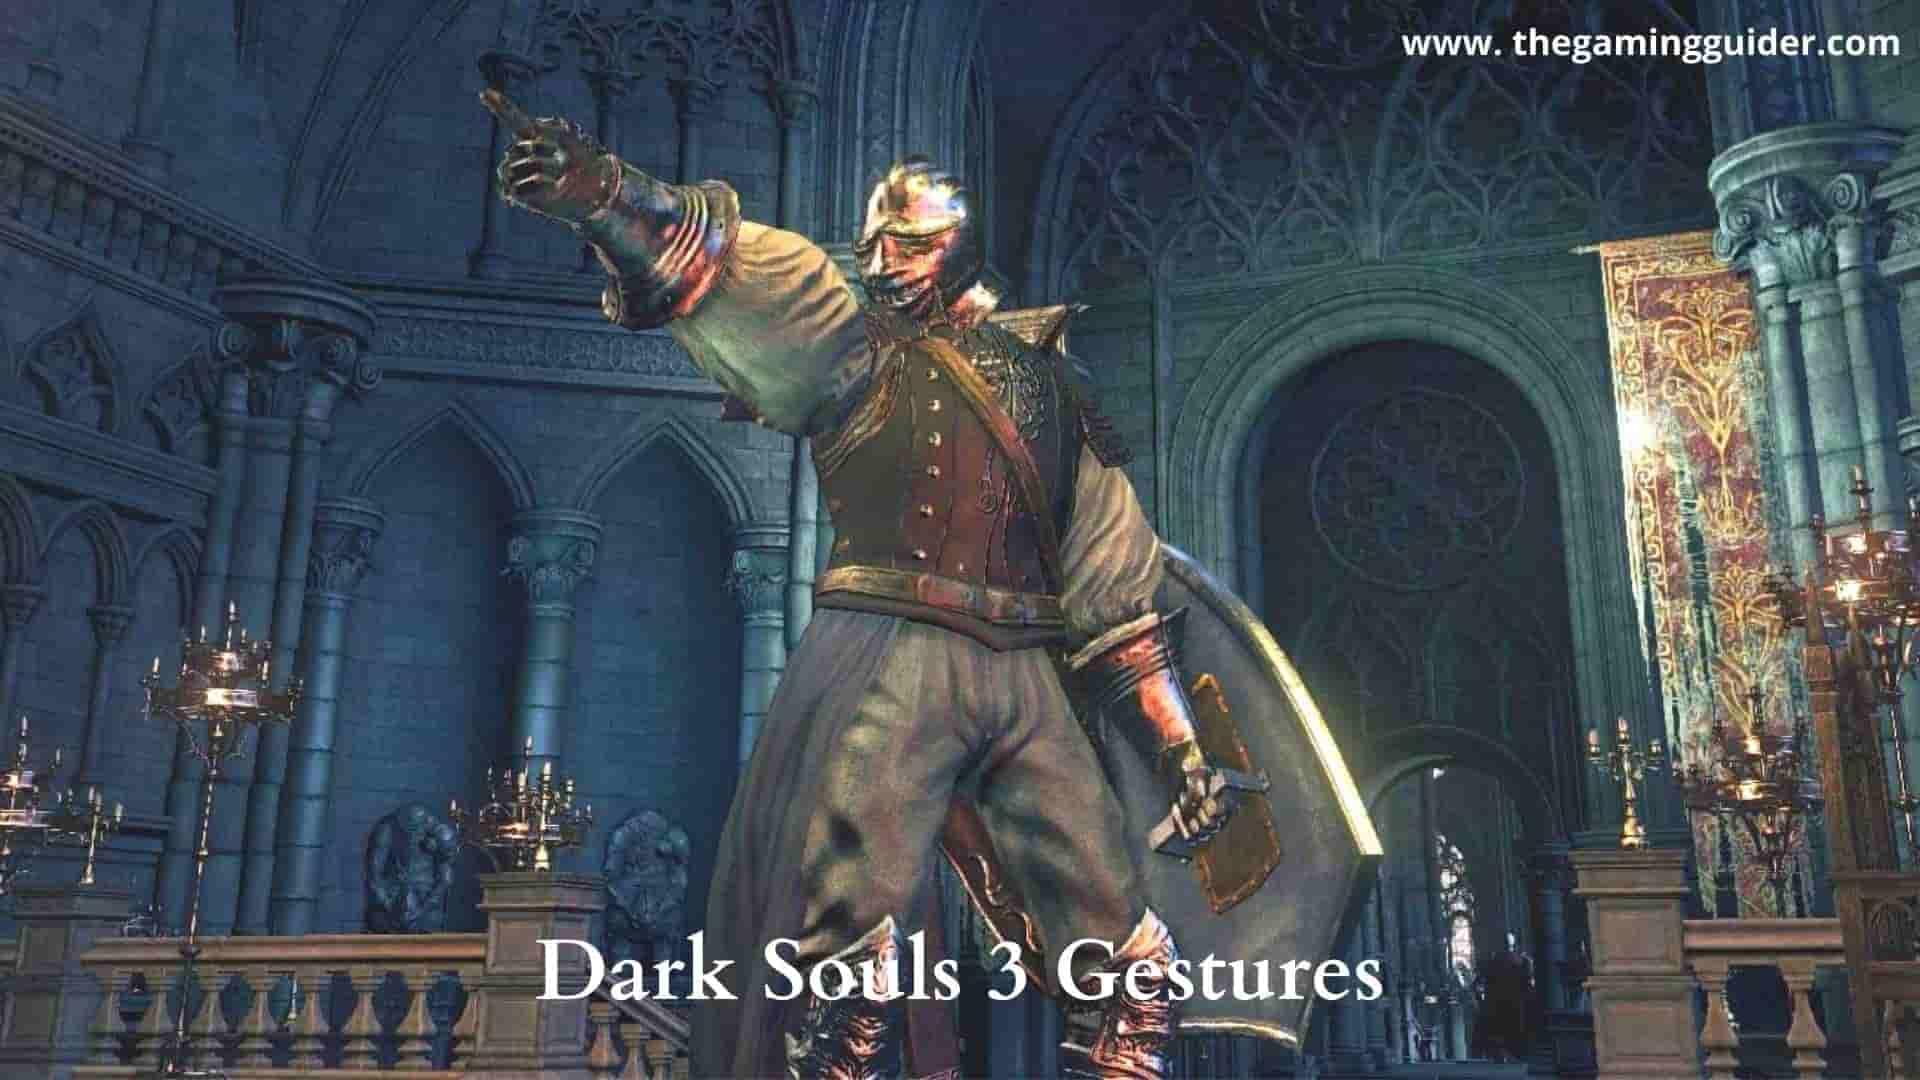 dark souls 3 gestures _ thegamingguier-min